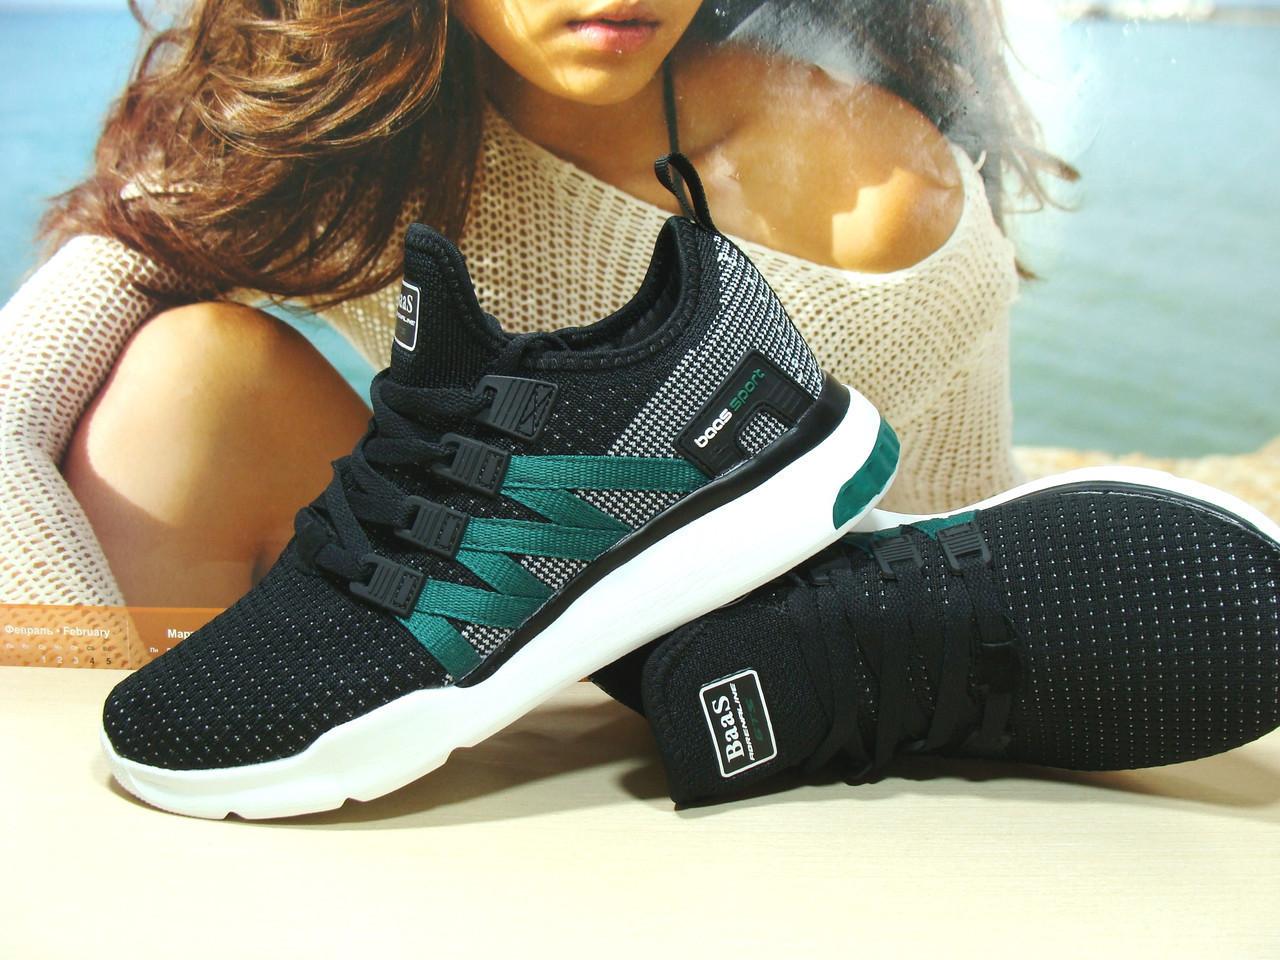 Мужские кроссовки BaaS ADRENALINE GTS 1 черно-белые 46 р.